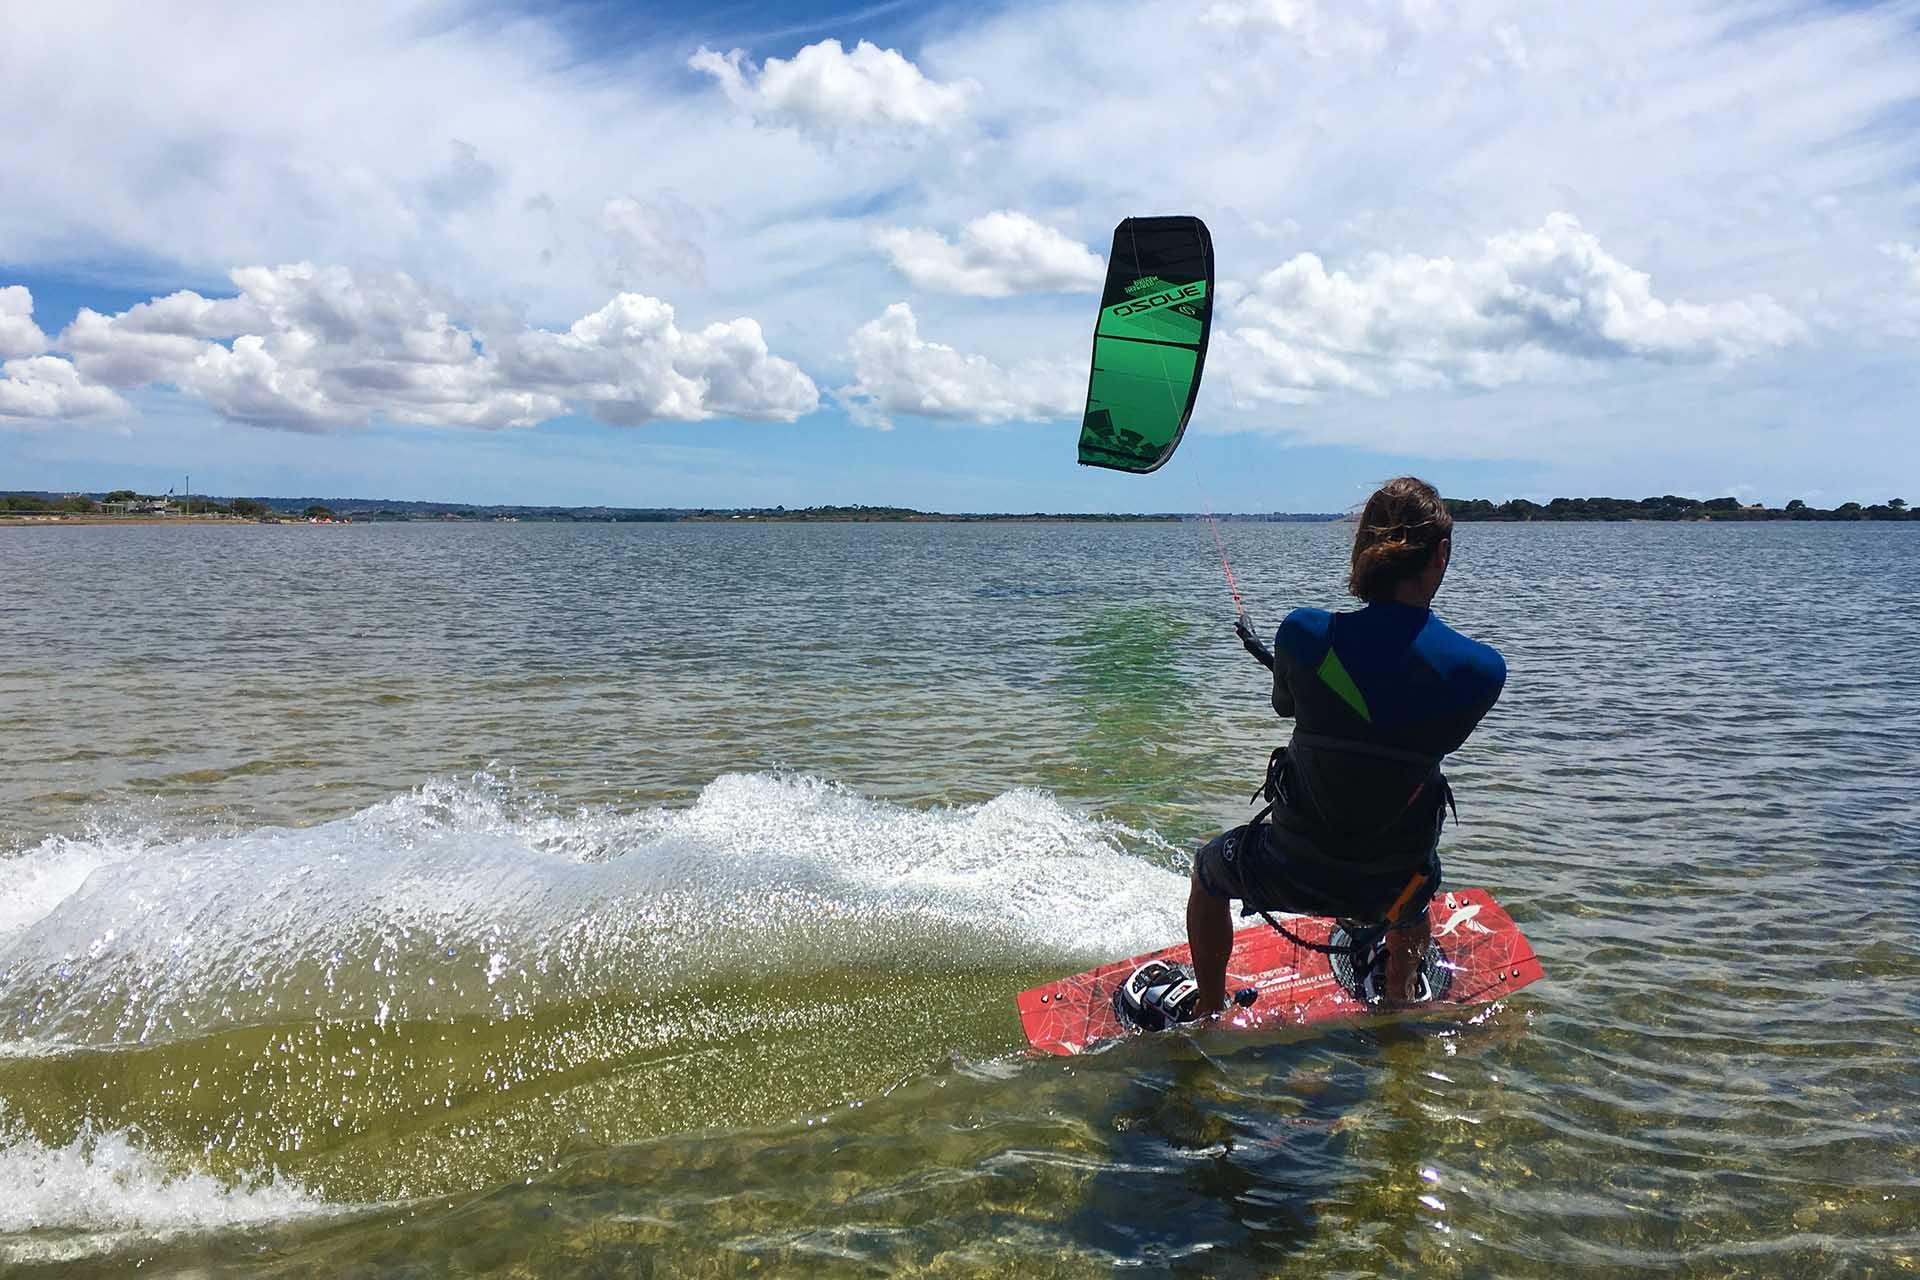 laguna-dello-stagnone-kite-surf